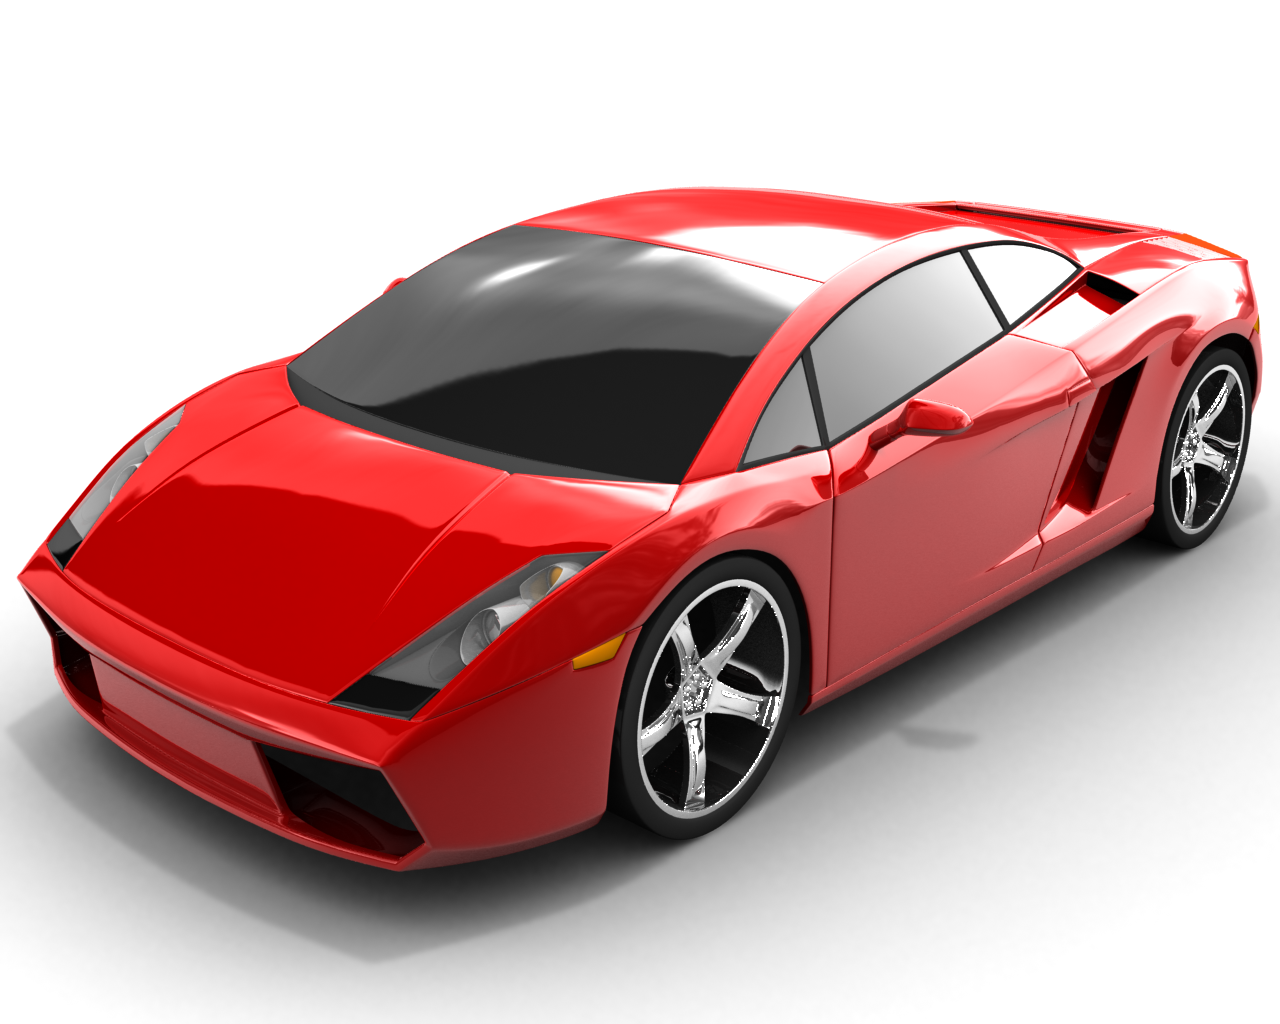 Lamborghini Gallardo by HolgerL